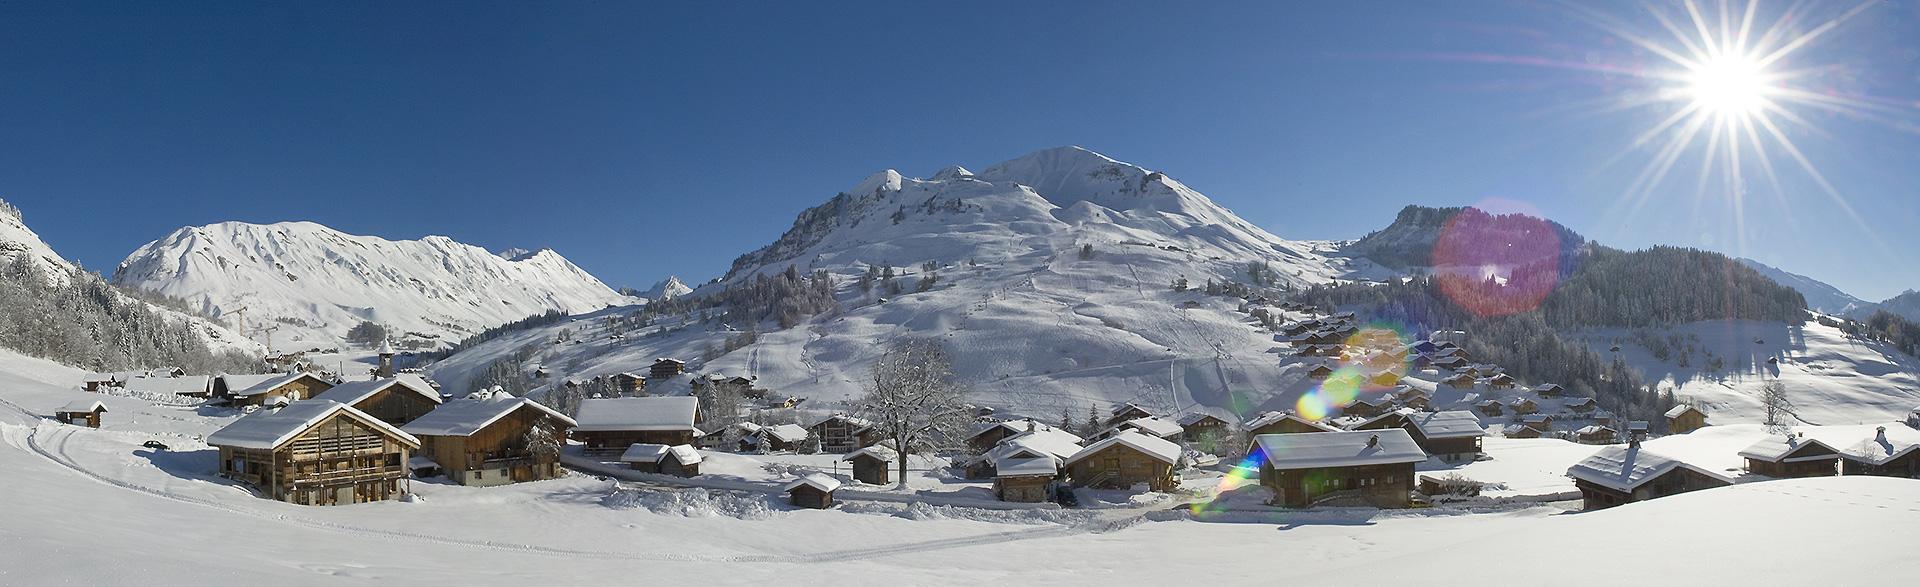 vue-vieux-village-hiver-145947